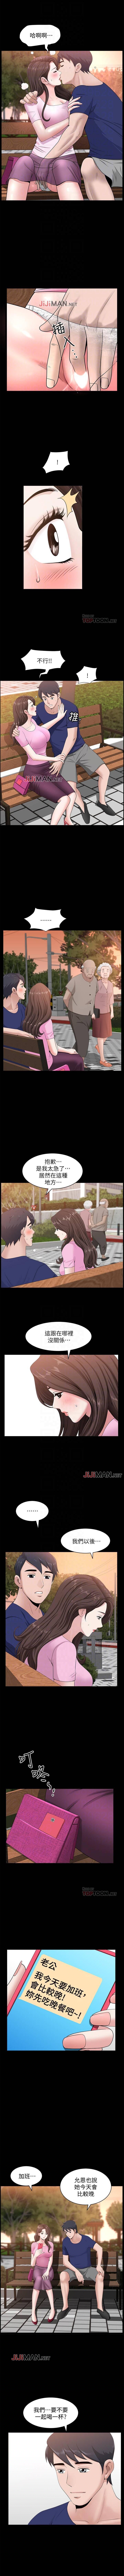 【周日连载】双妻生活(作者:skyso) 第1~23话 60